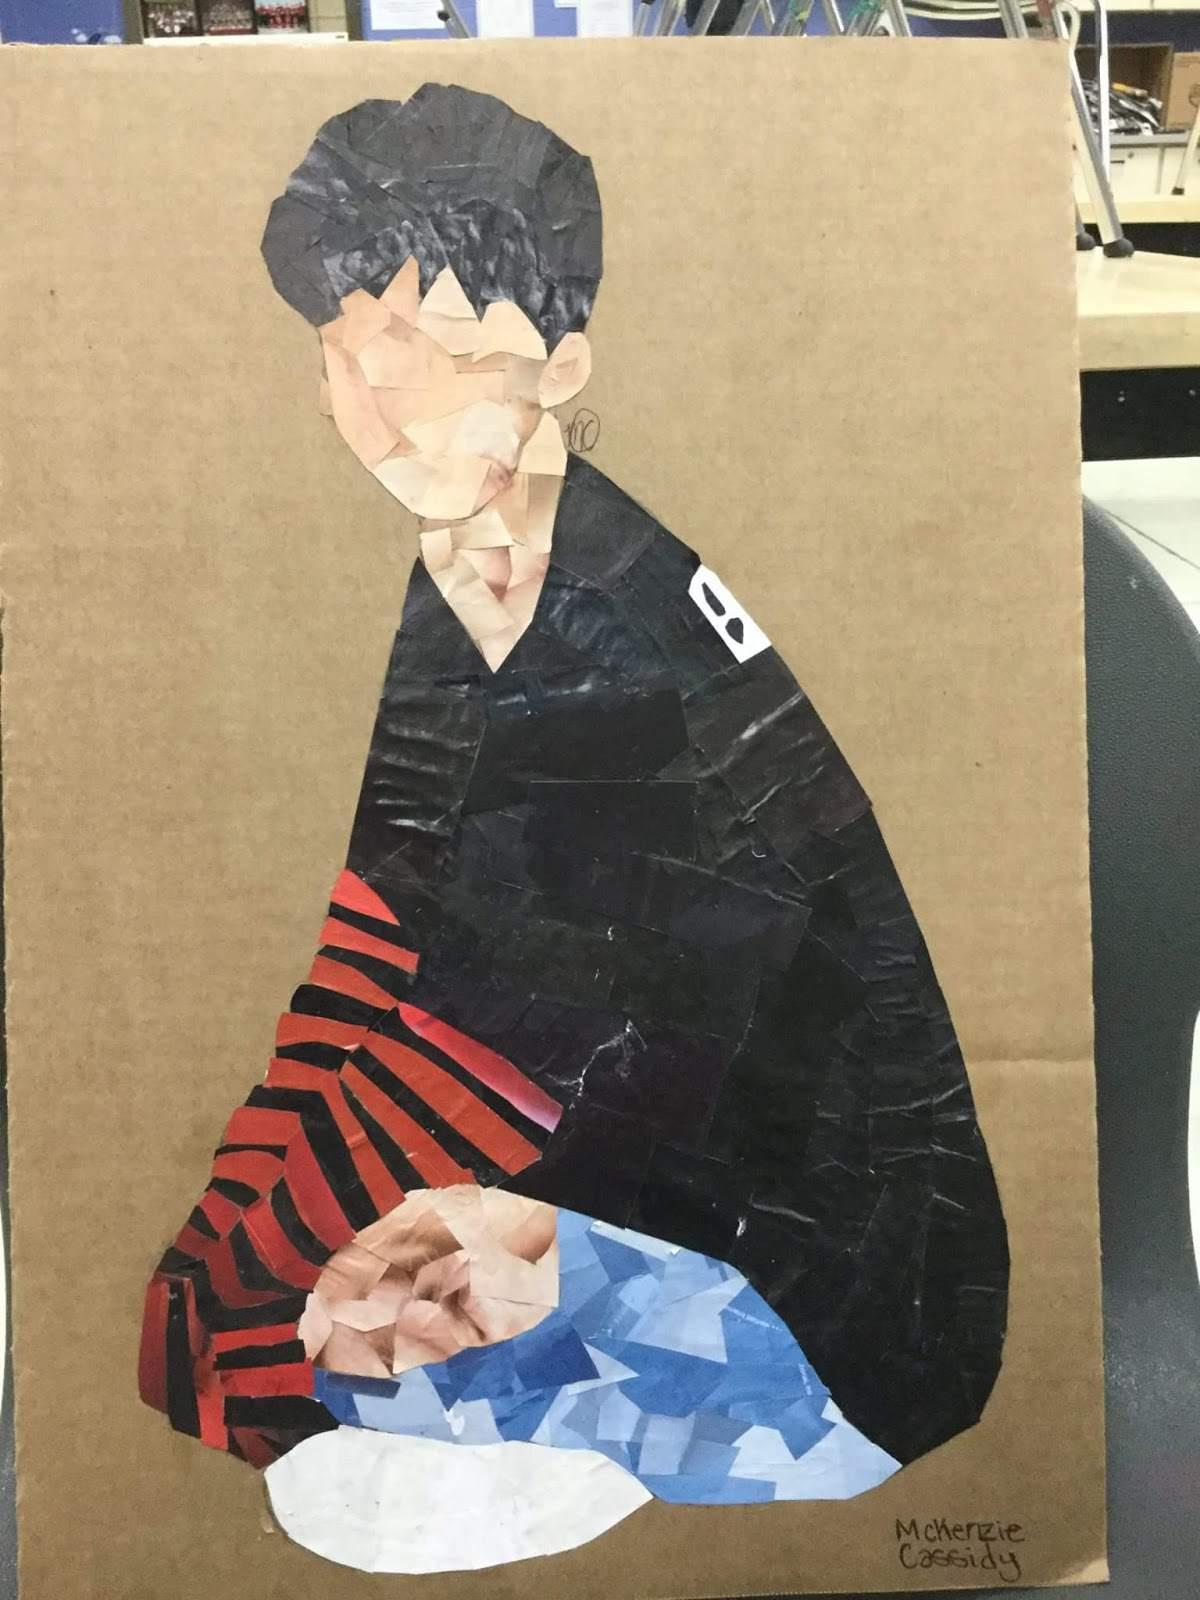 Boy sitting collage on cardboard.